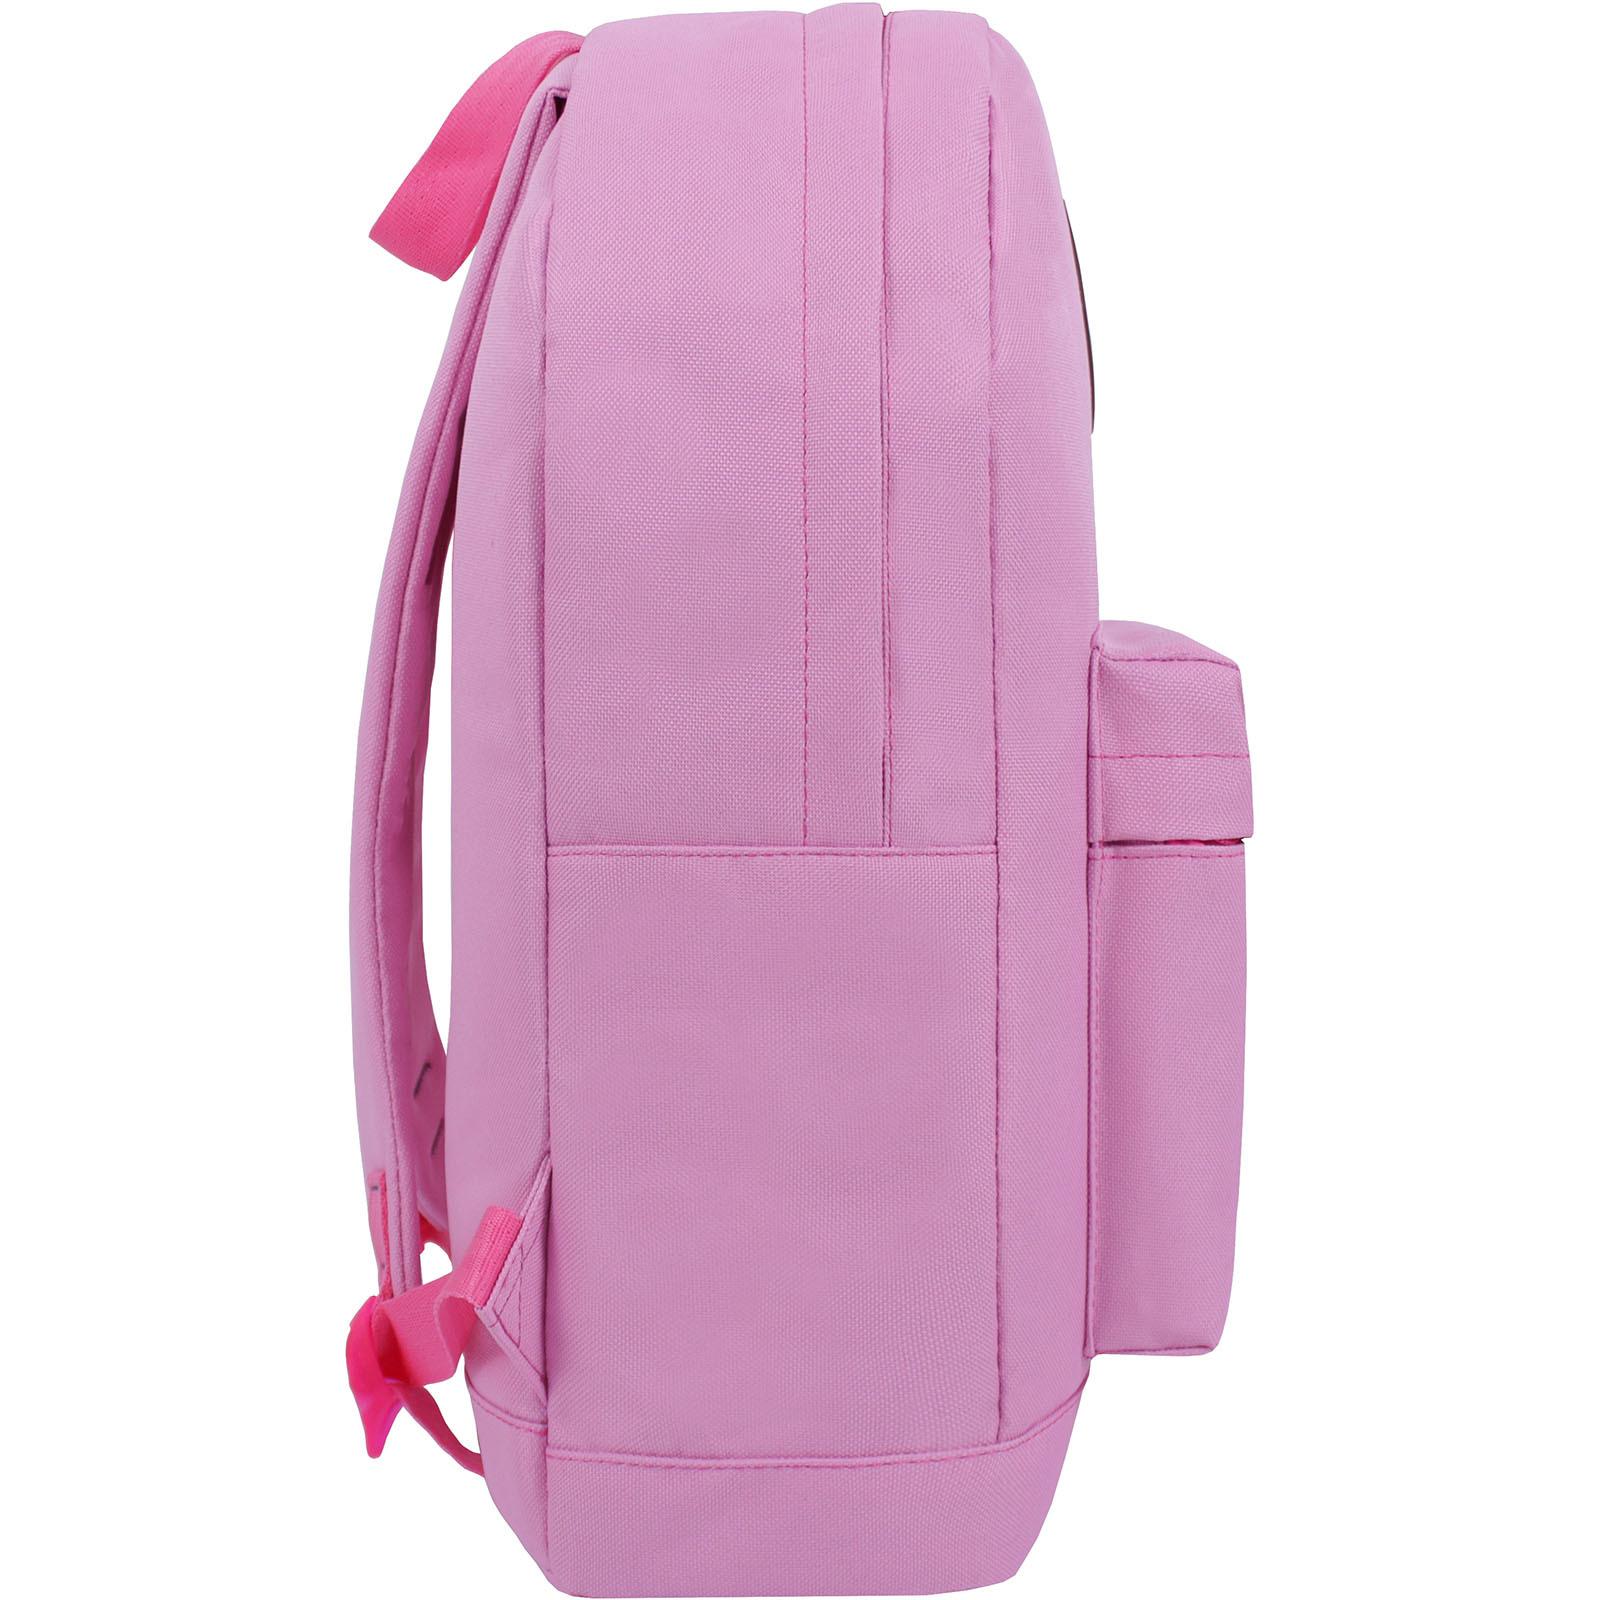 Рюкзак Bagland Молодежный W/R 17 л. розовый (00533662) фото 2